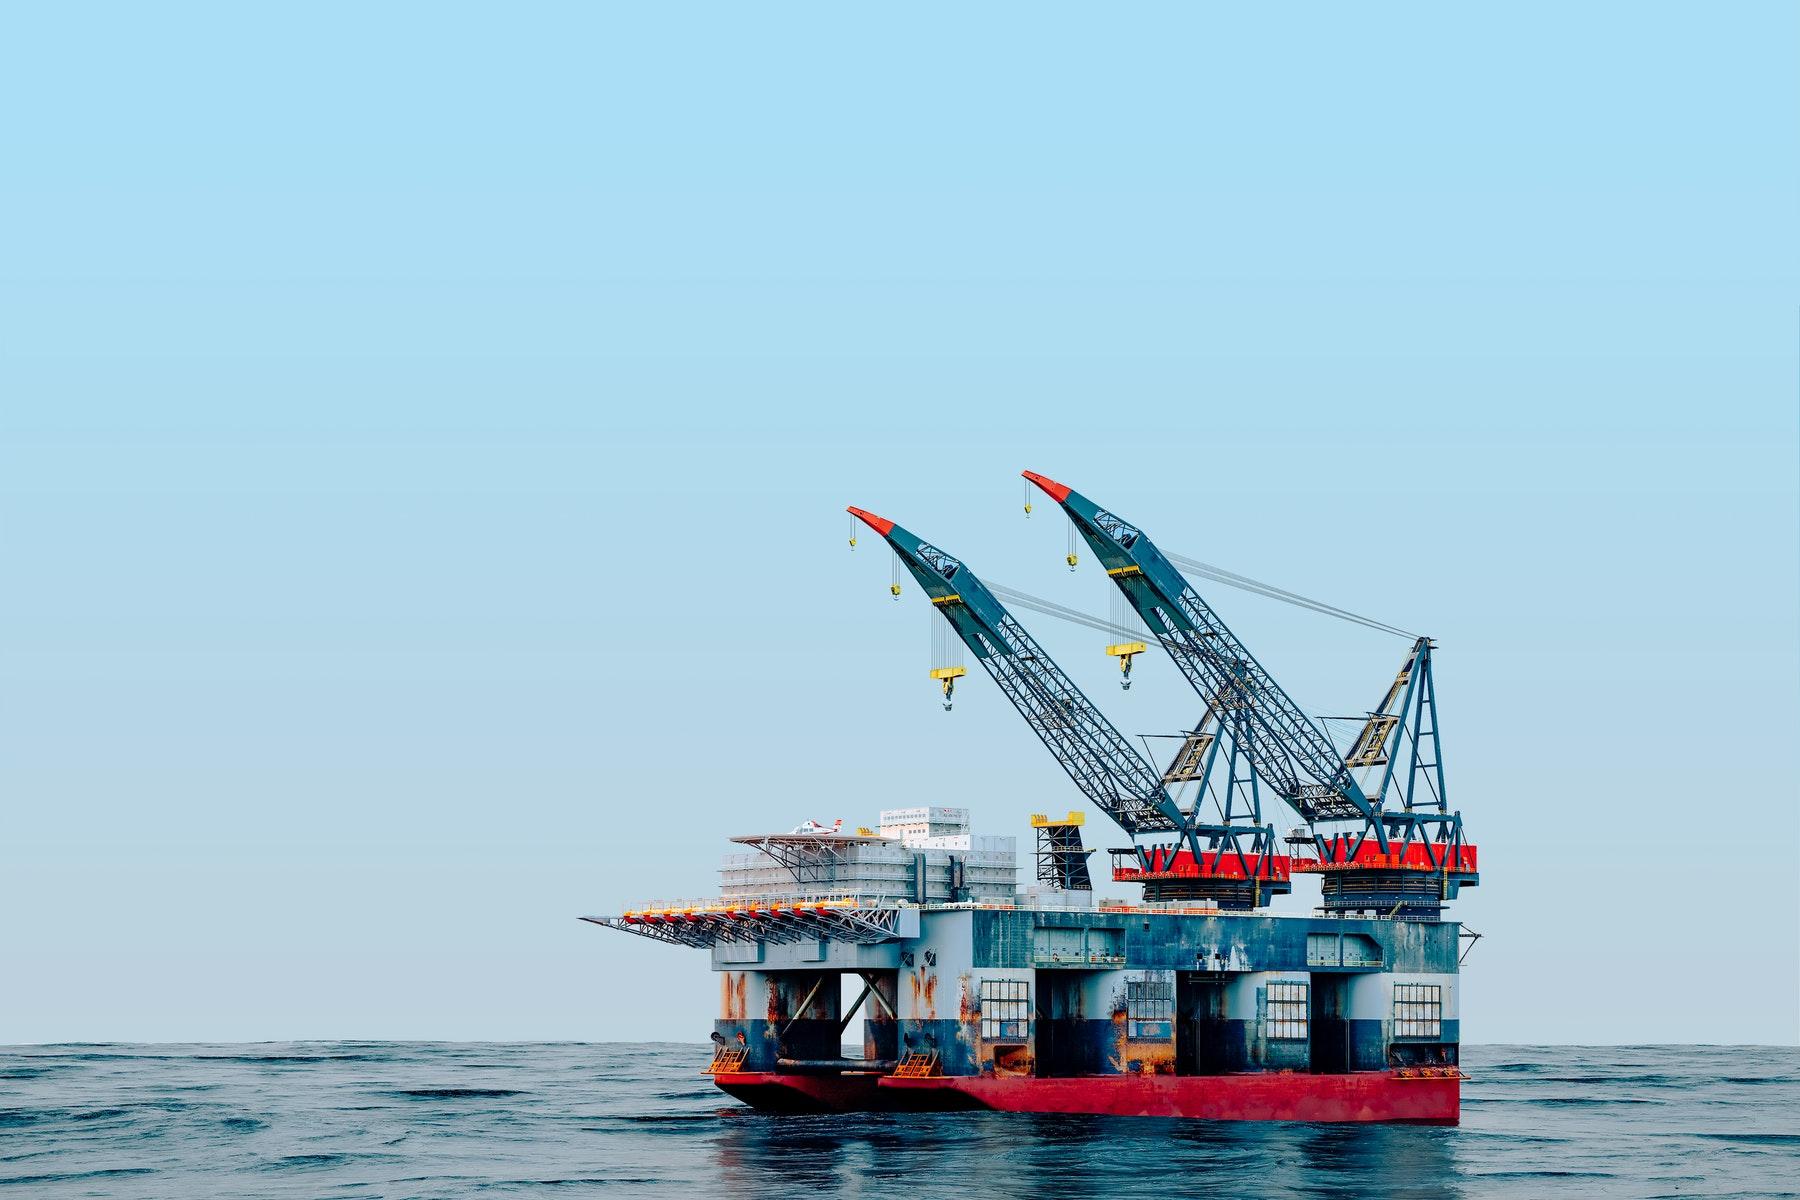 Giá xăng dầu hôm nay 24/4: Giá dầu tăng nhờ vào nhu cầu phục hồi - Ảnh 1.